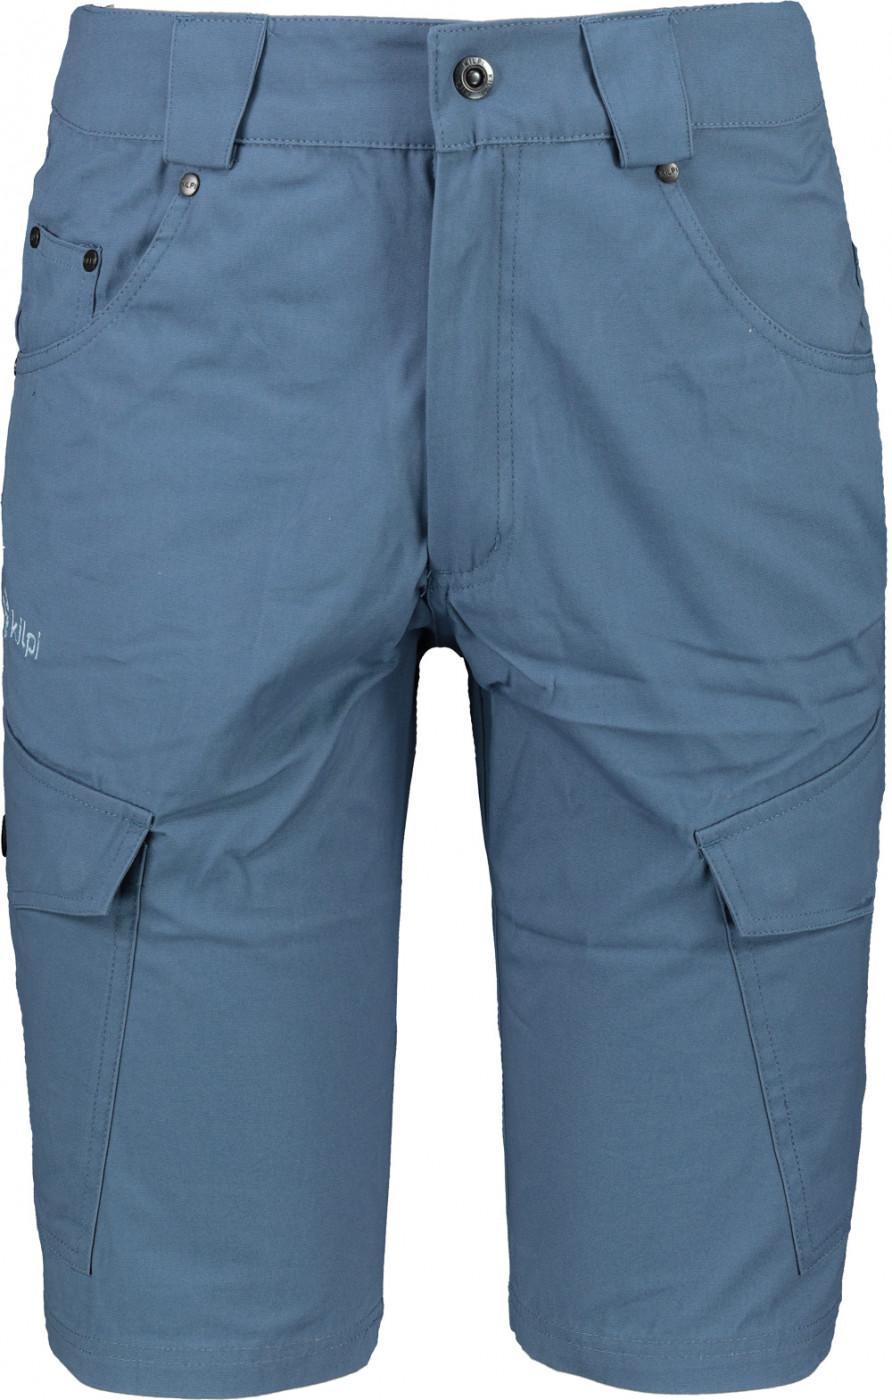 Men's shorts Kilpi BREEZE-M